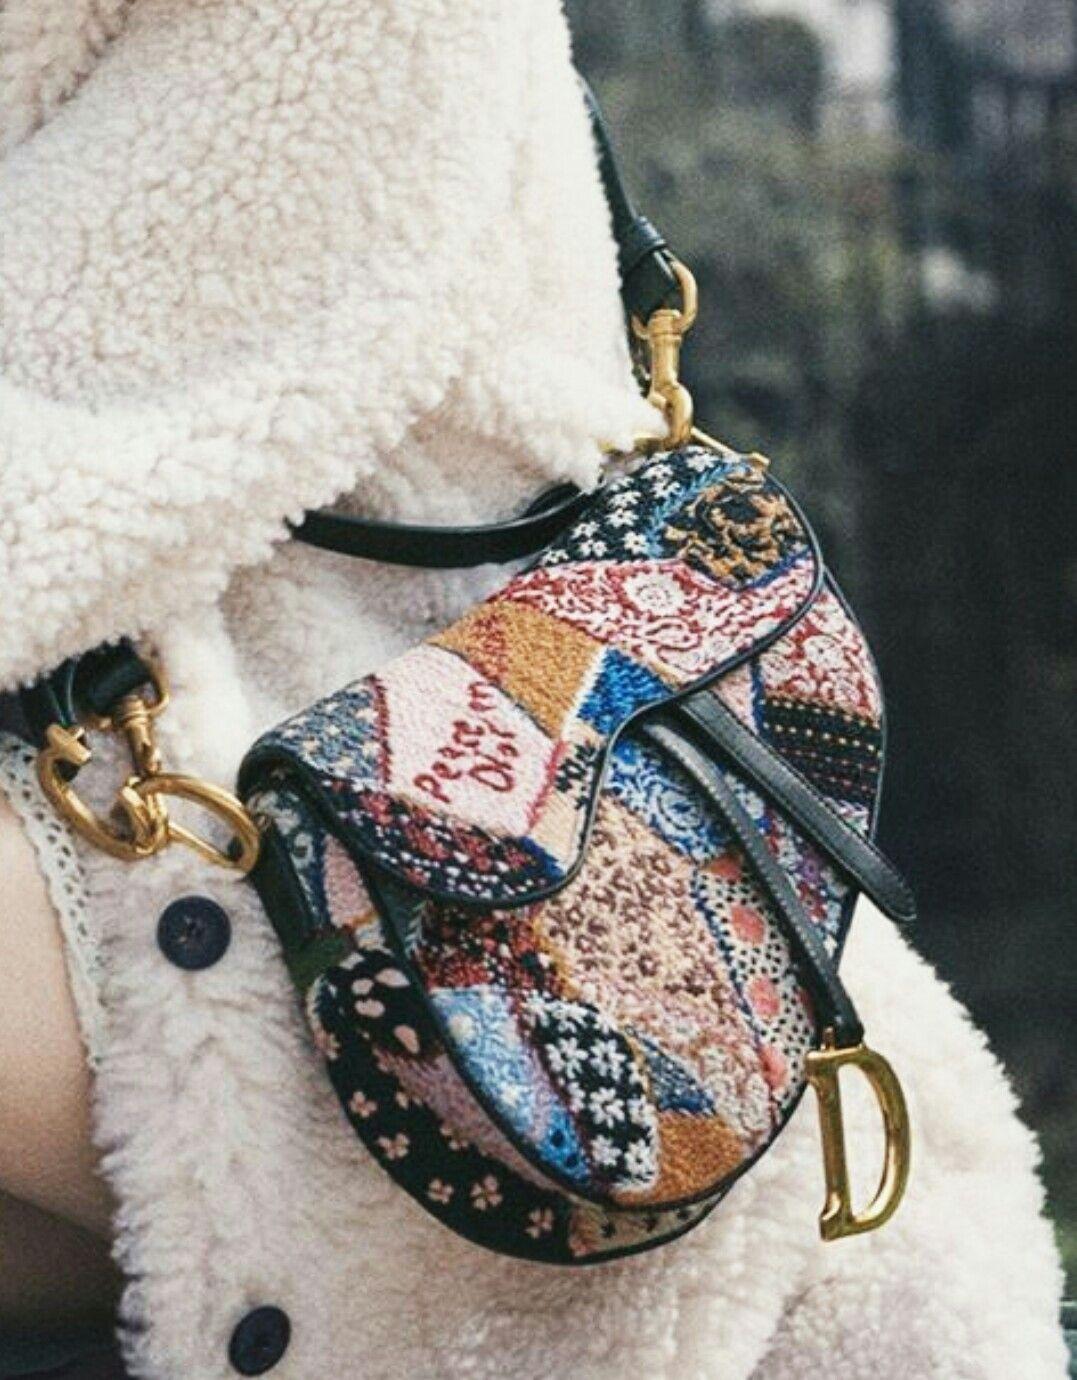 c4edc9045 Dior saddle bag | Bags in 2019 | Dior saddle bag, Bags, Saddle bags